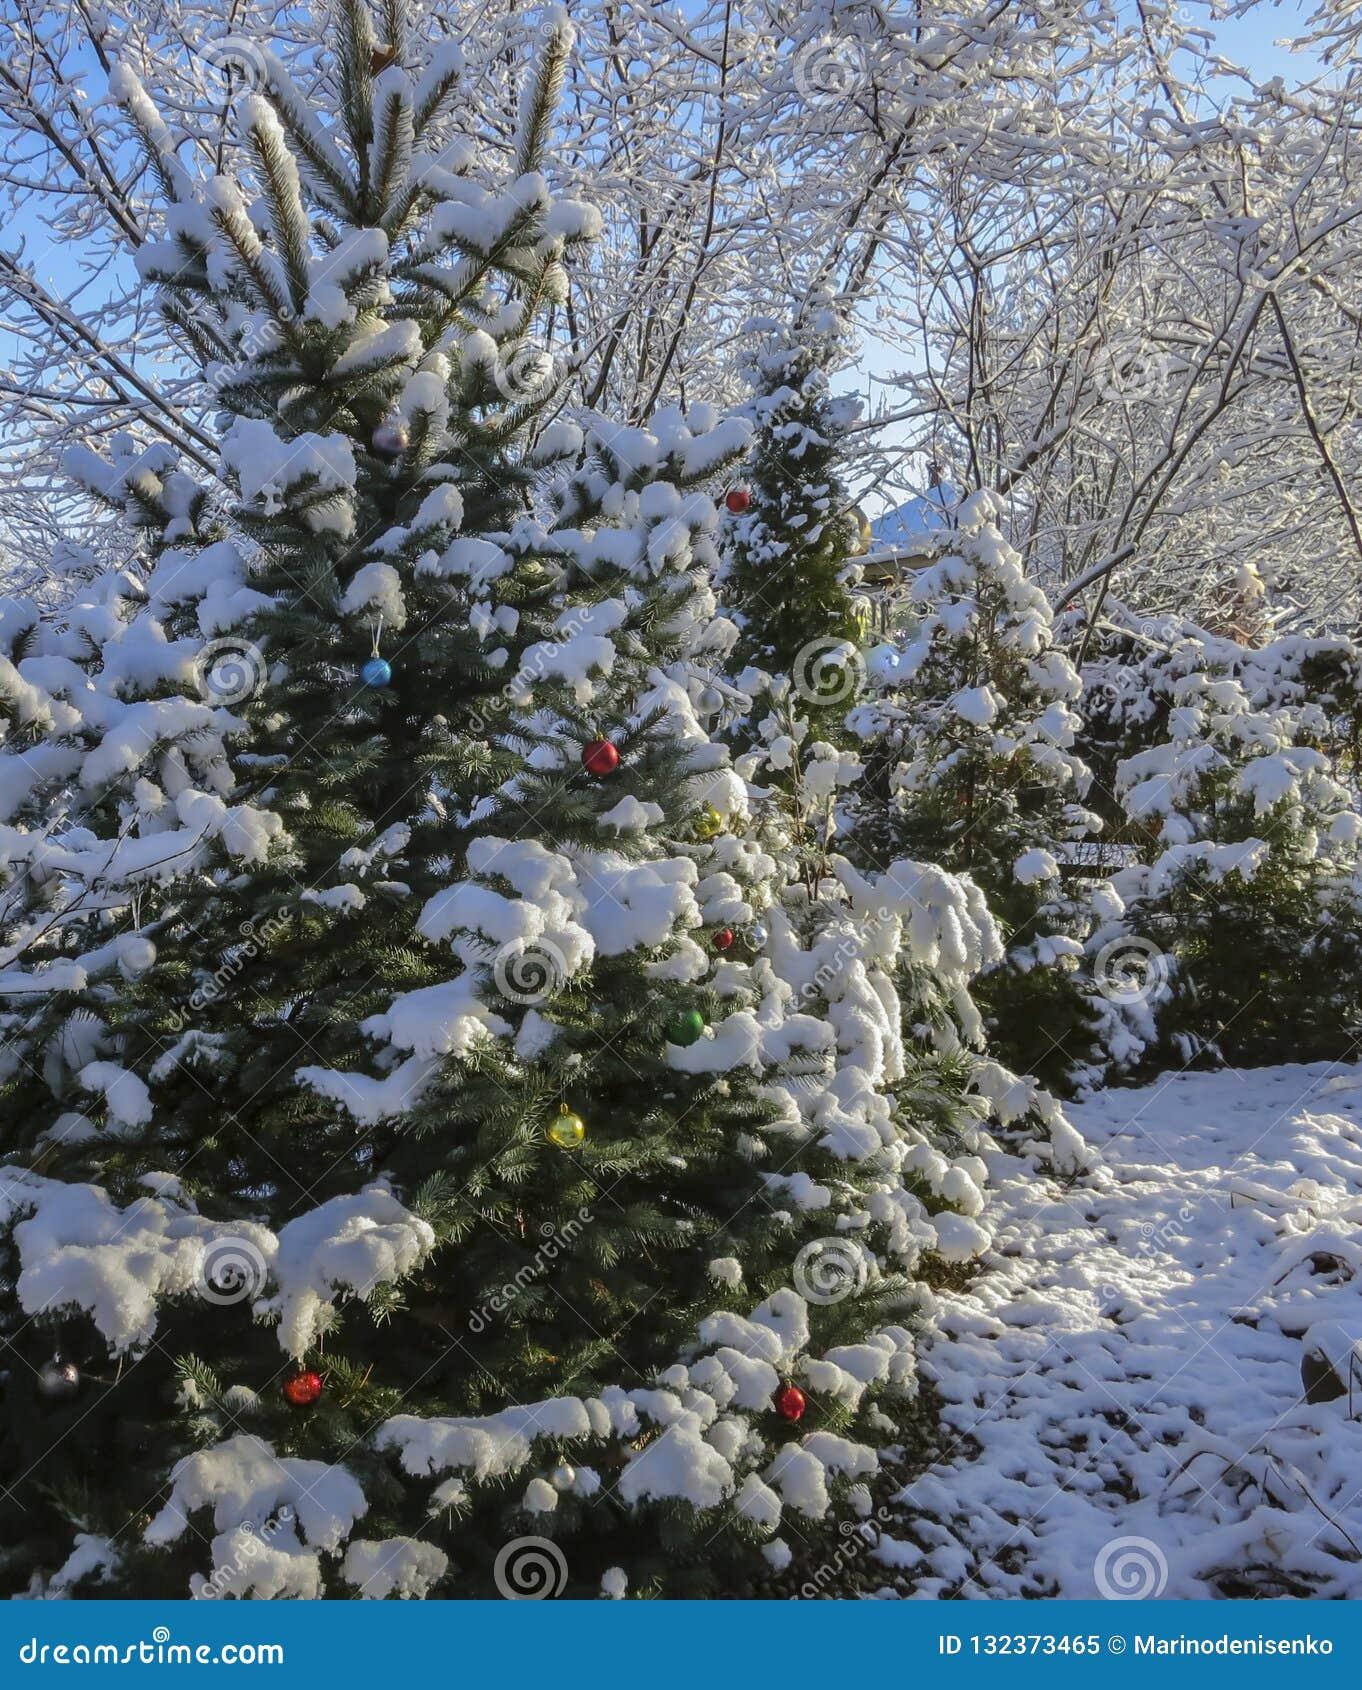 Weihnachtsbaum Nadeln.Der Weihnachtsbaum Im Garten Wird Mit Weihnachtsdekorationen Seinen